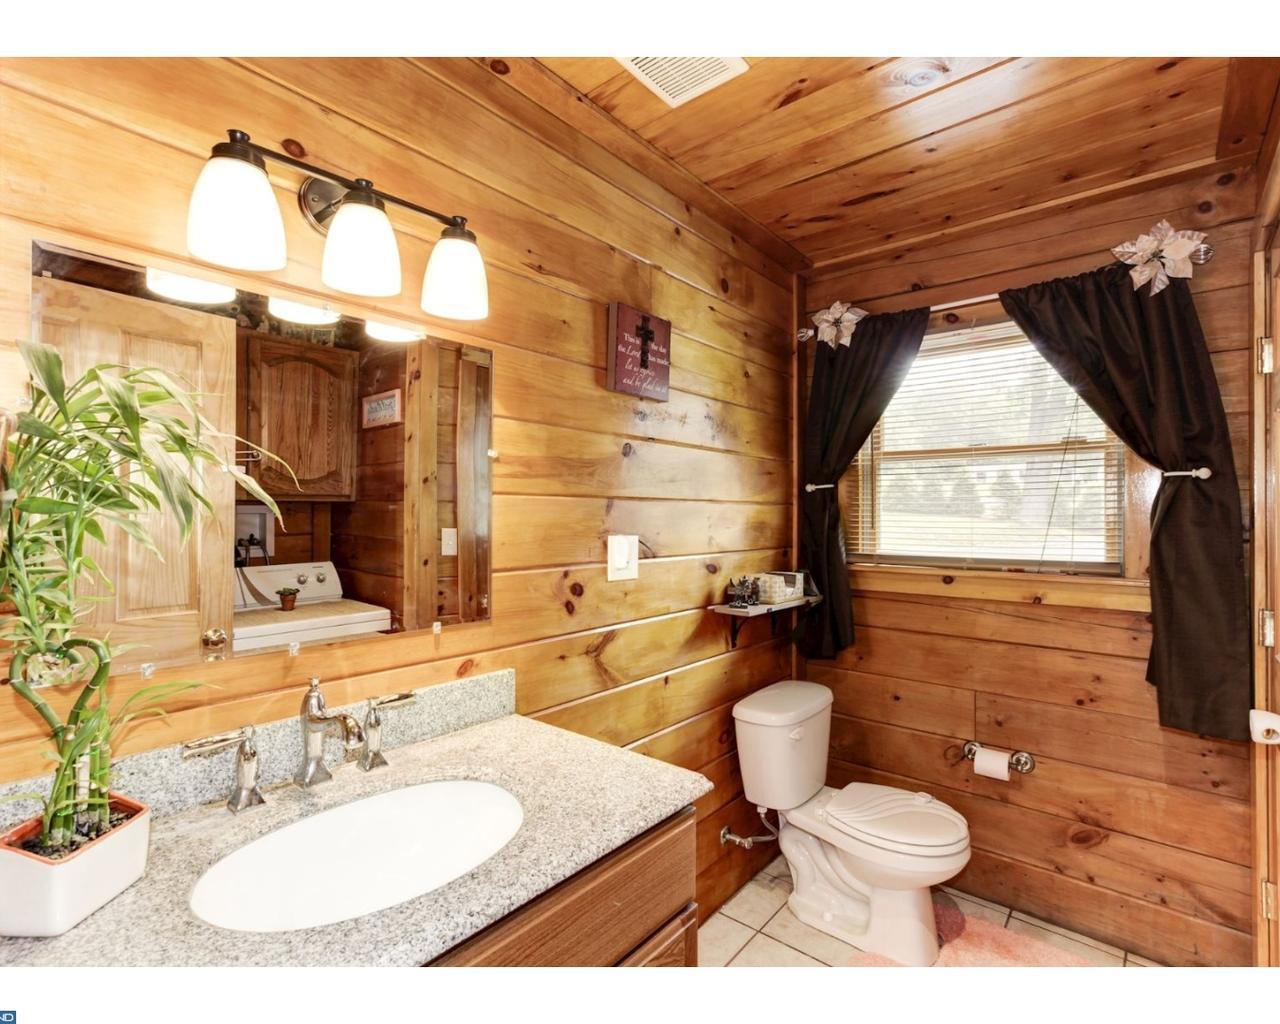 3 Log Cabin Homes Under $450,000